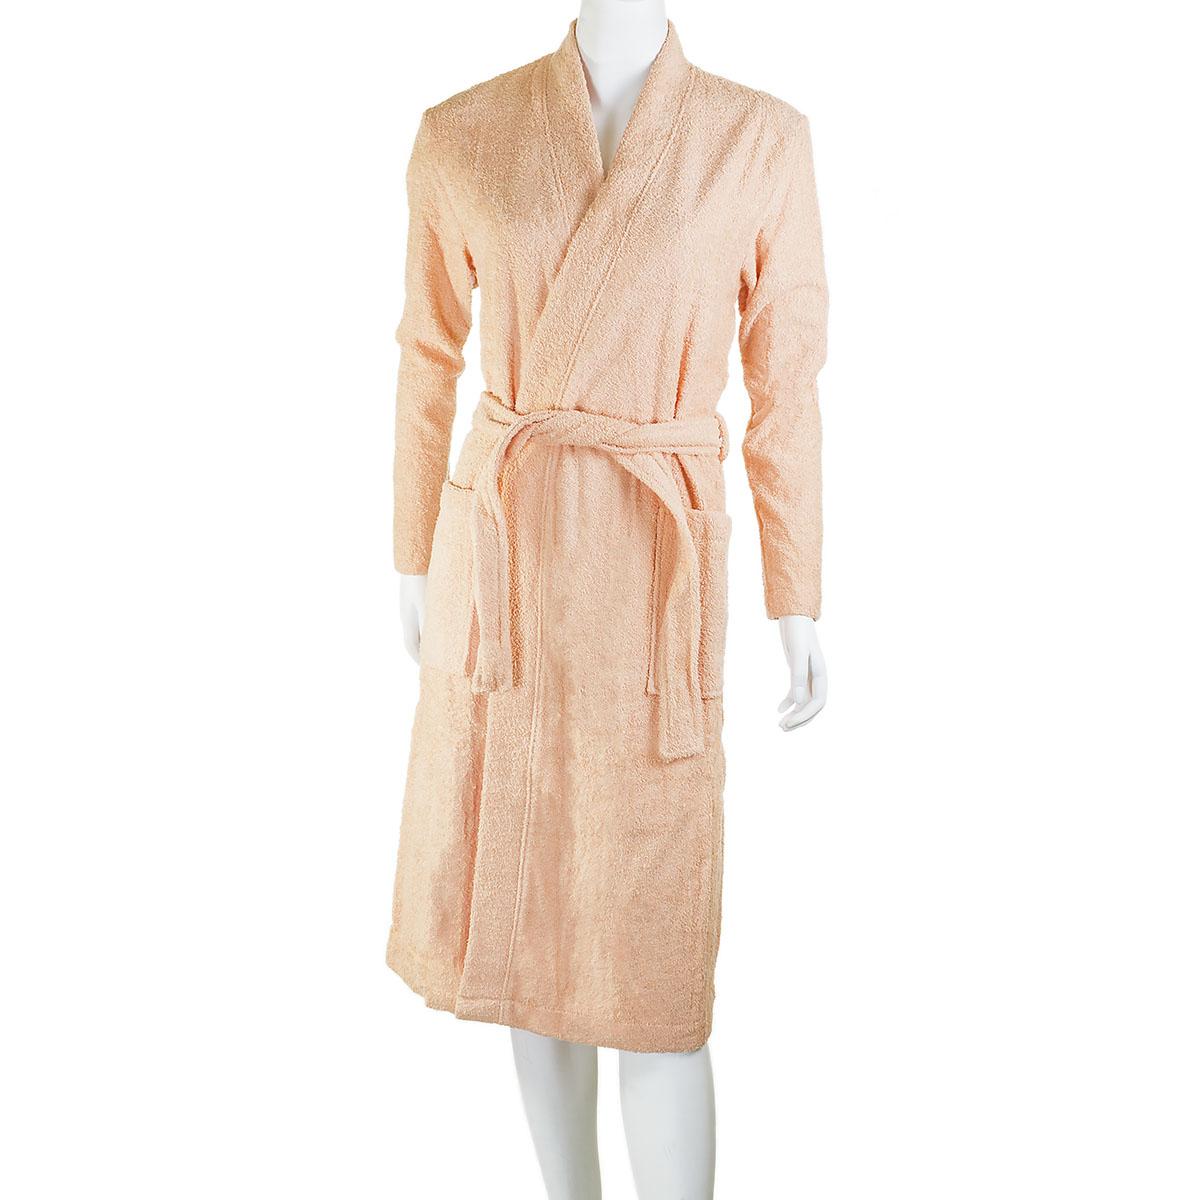 Купить со скидкой Женский халат «Серейа» Персиковый, размер 50